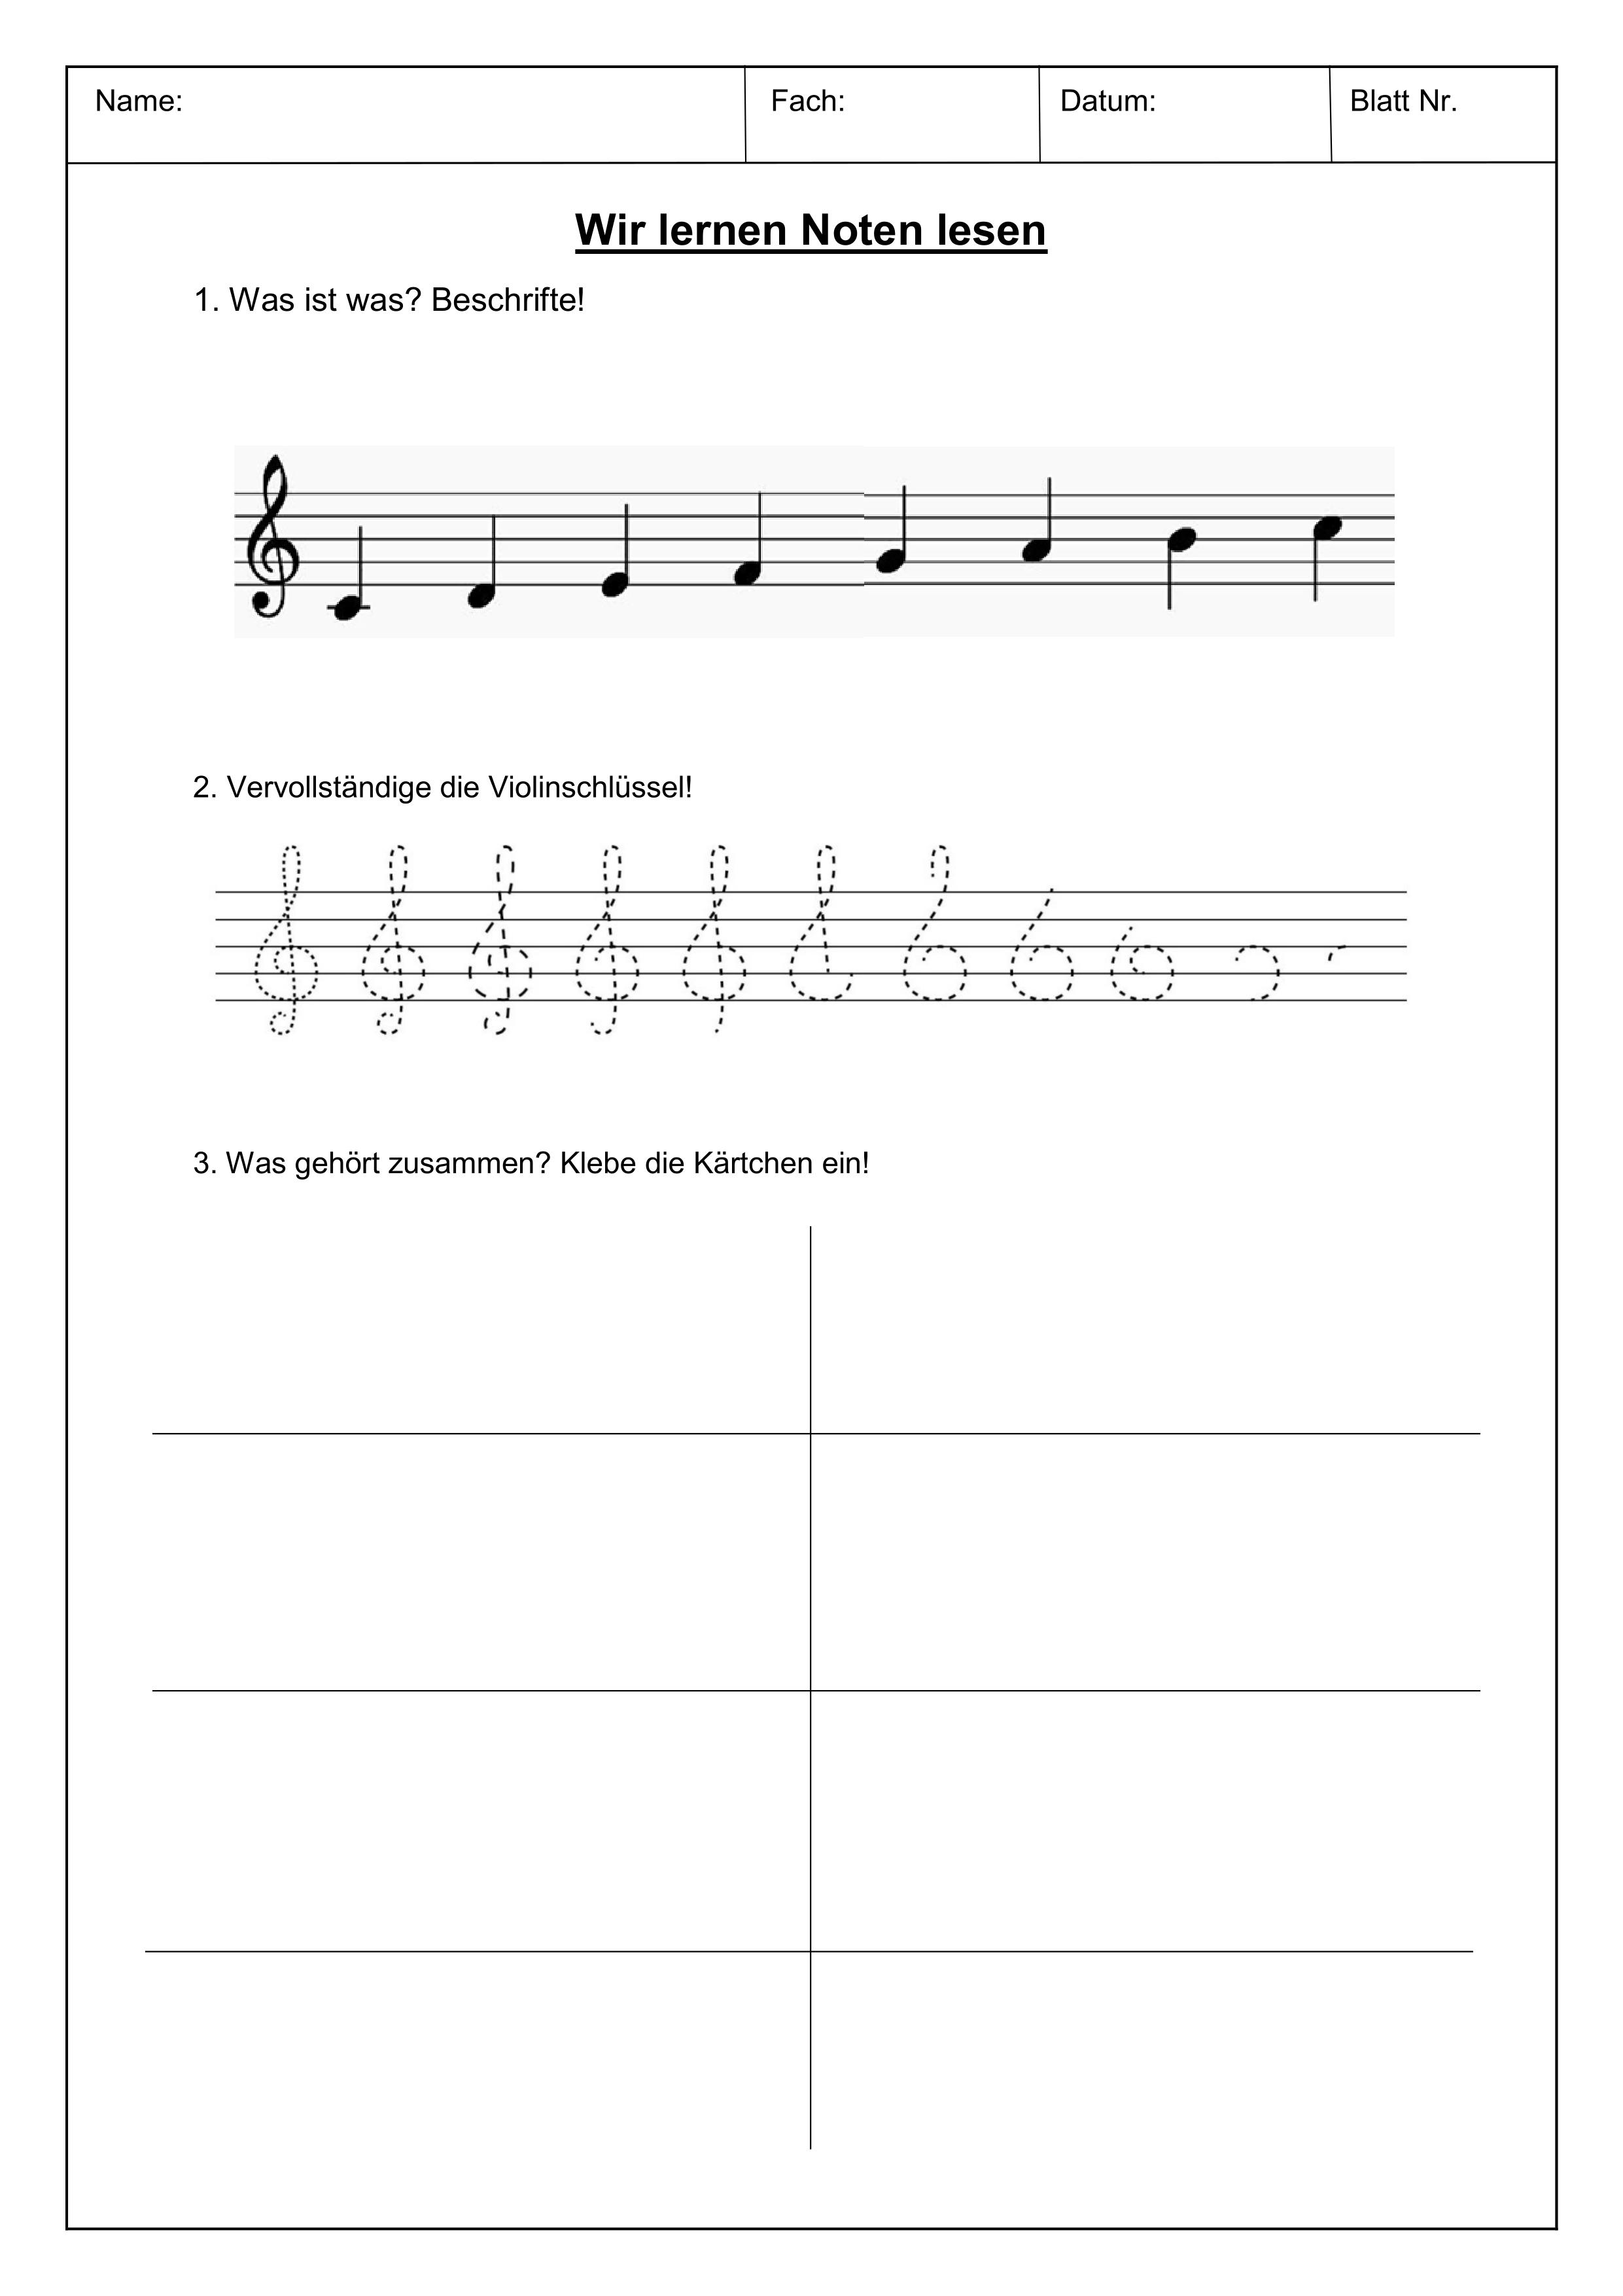 Wir lernen Notenlesen   Paket – Unterrichtsmaterial im Fach Musik ...